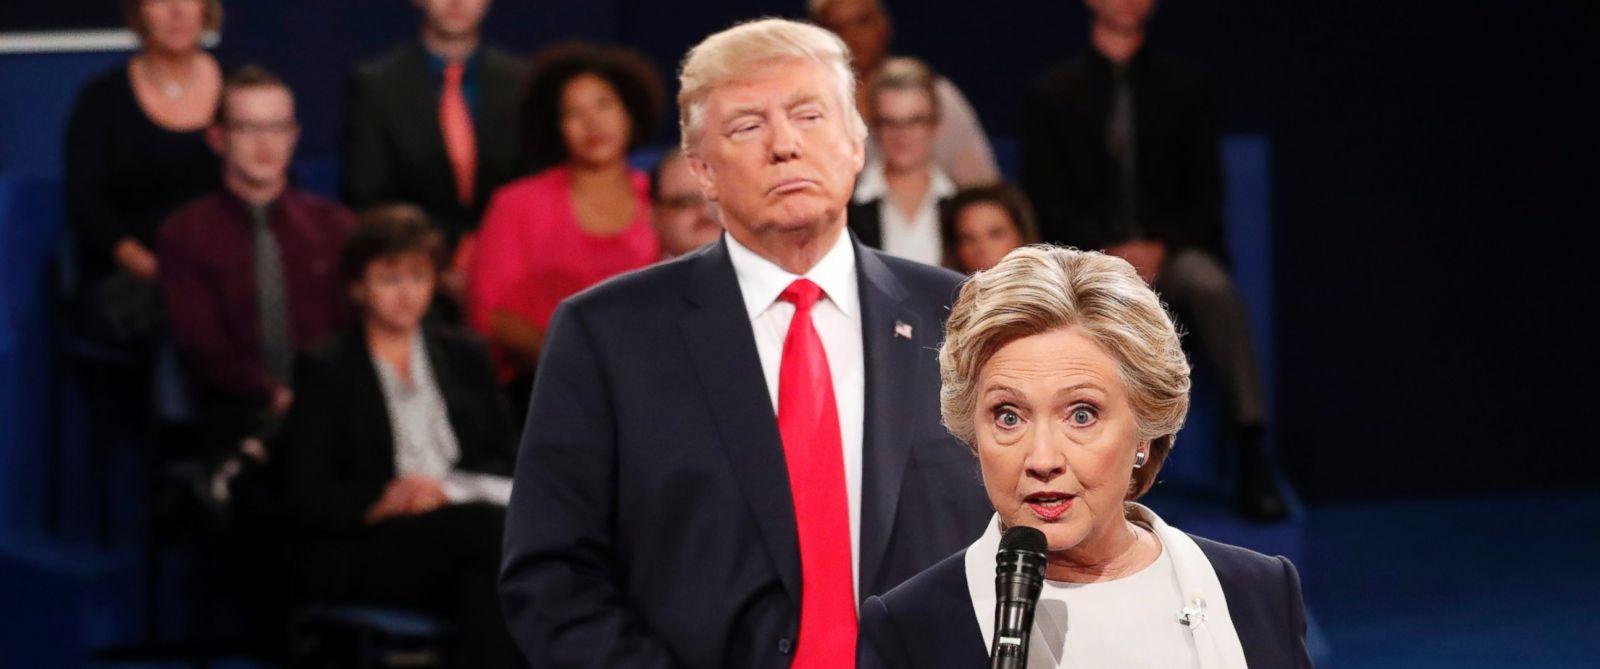 clinton_trump_debate